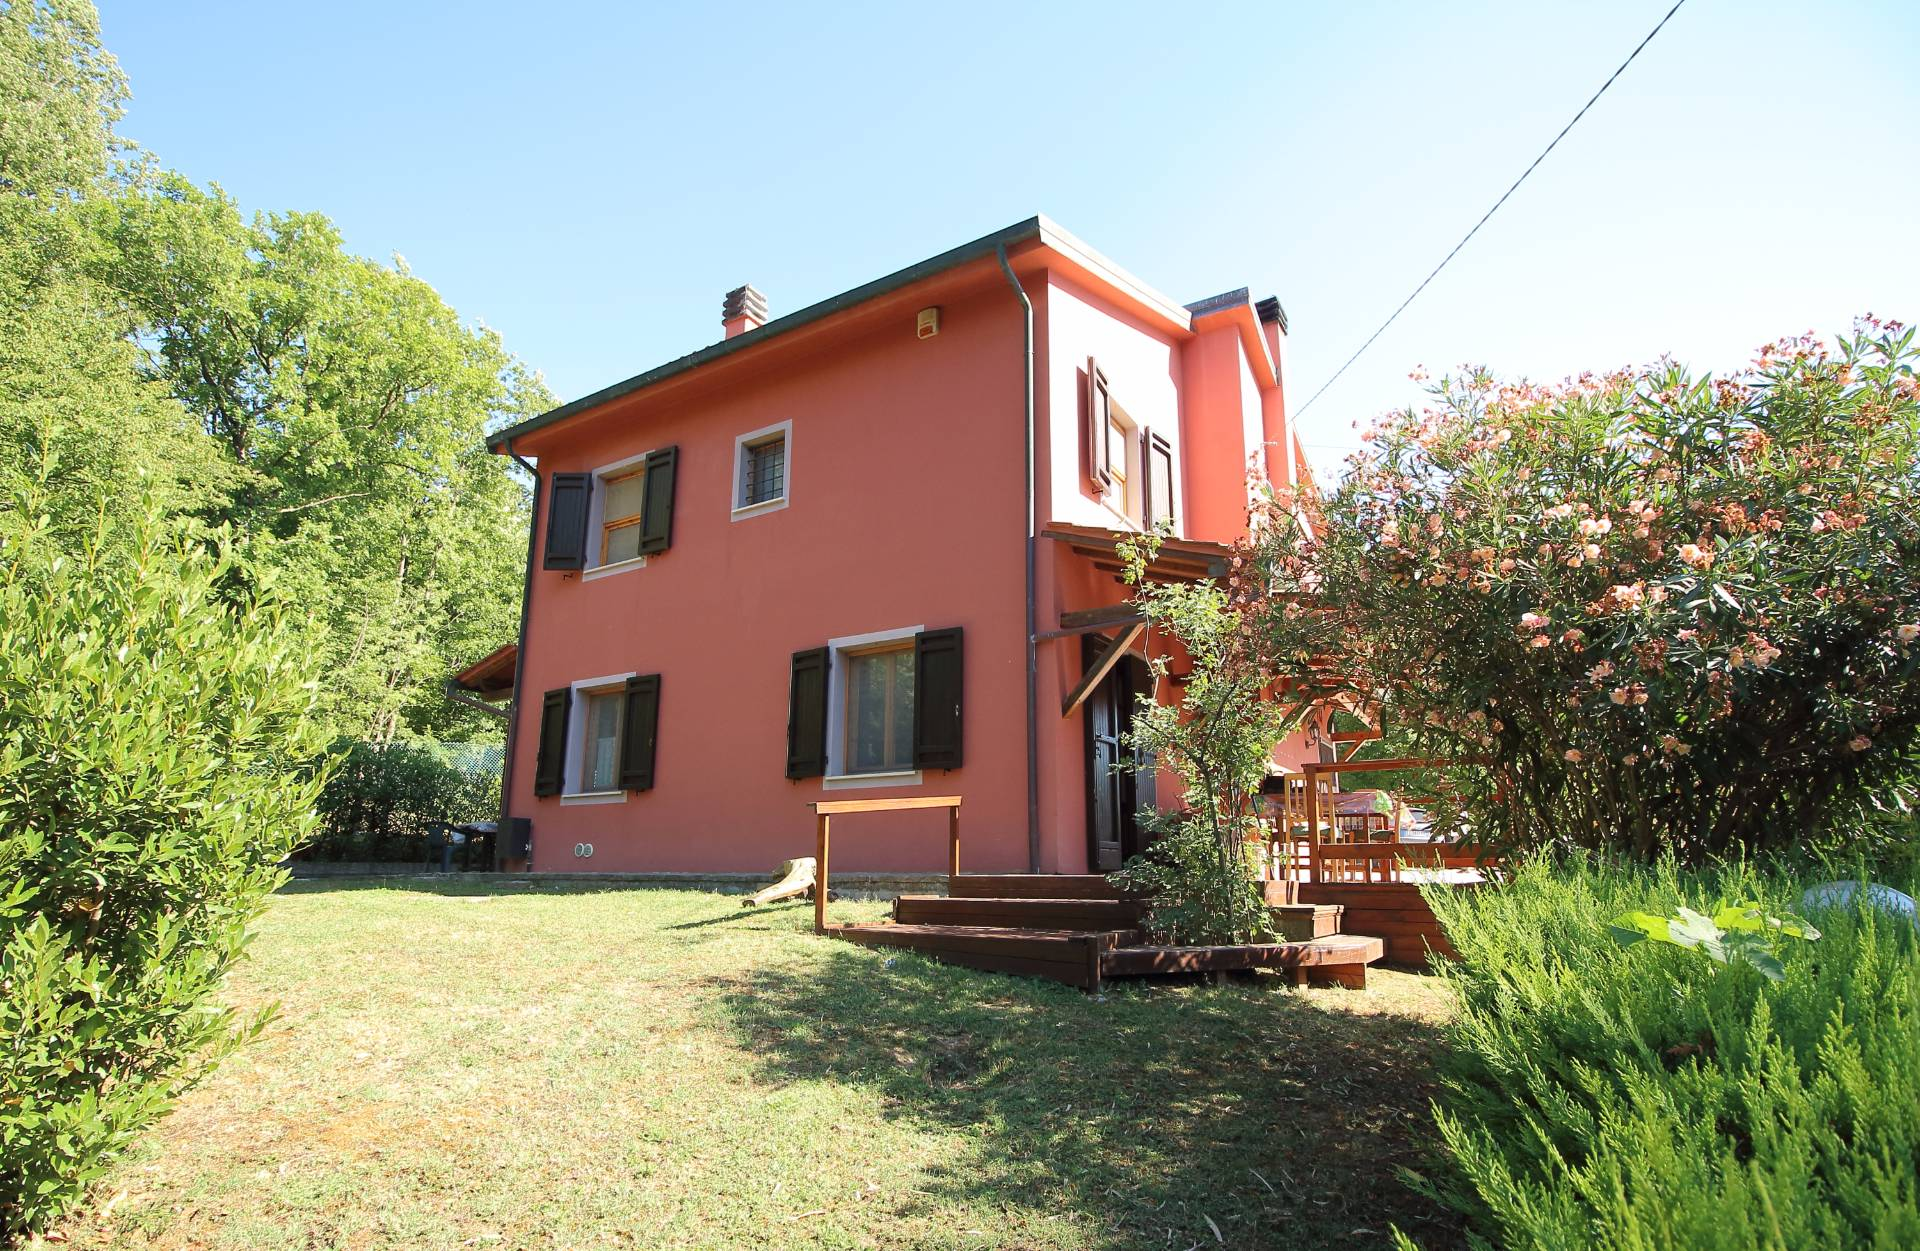 Casa singola in vendita, rif. 473